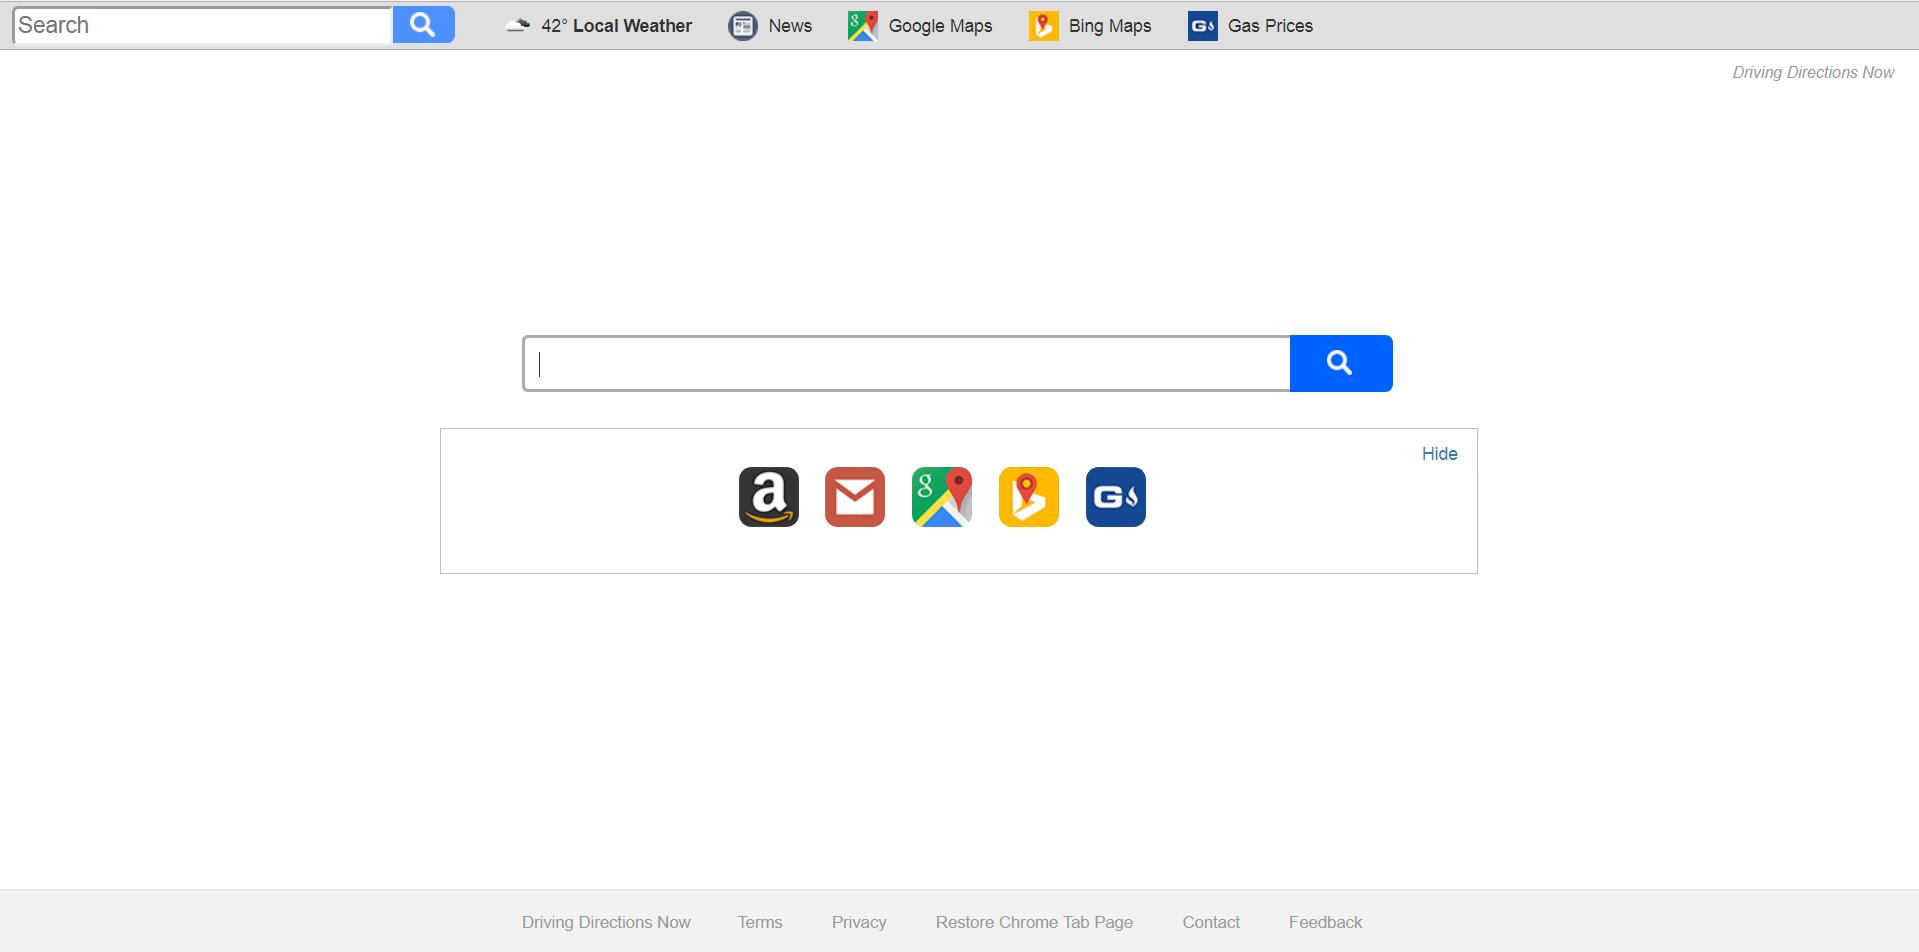 remove Search.searchddn.com